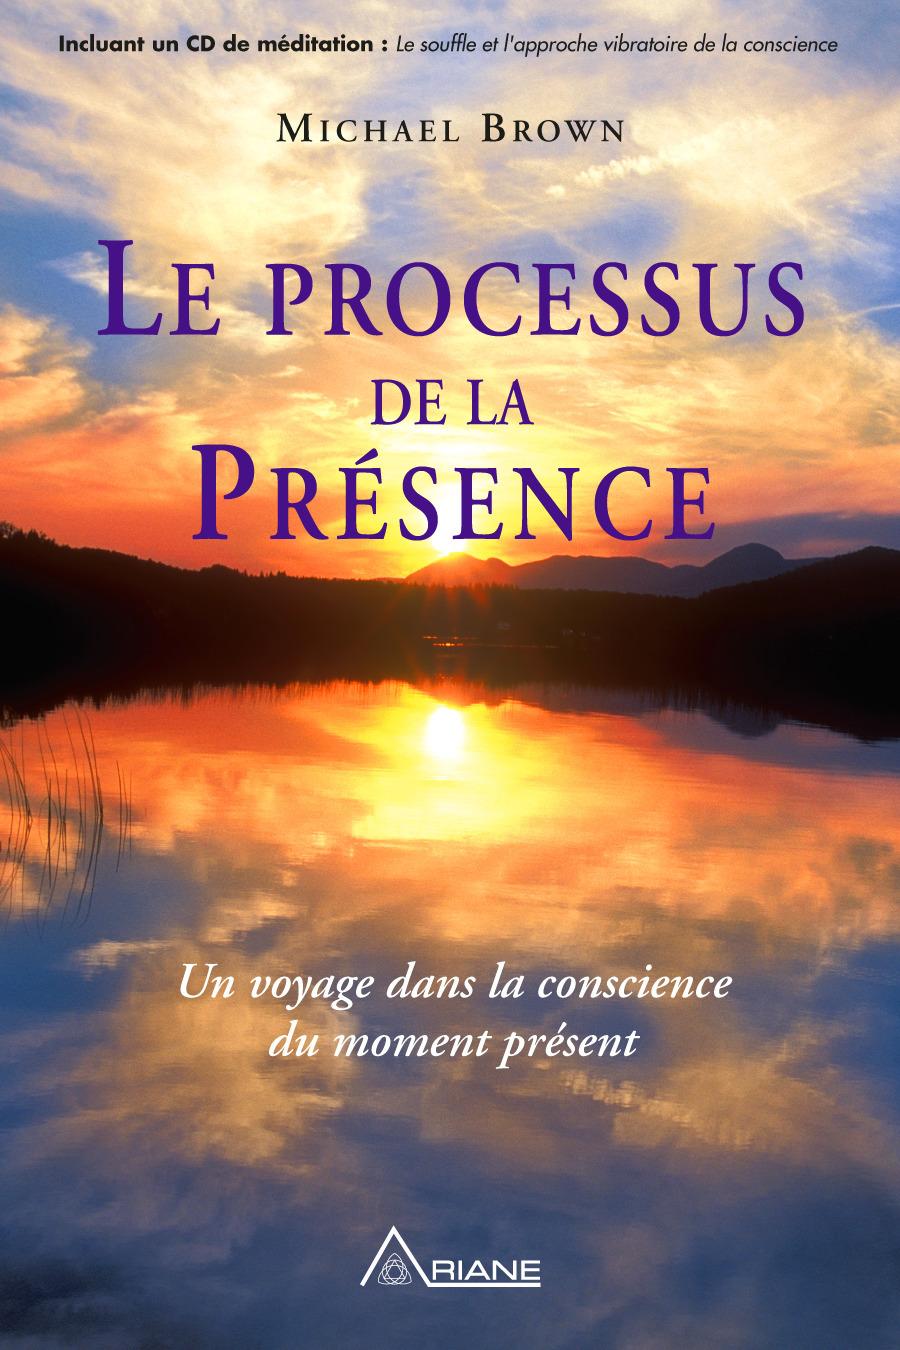 Michael Brown Le processus de la présence ; un voyage dans la conscience du moment présent